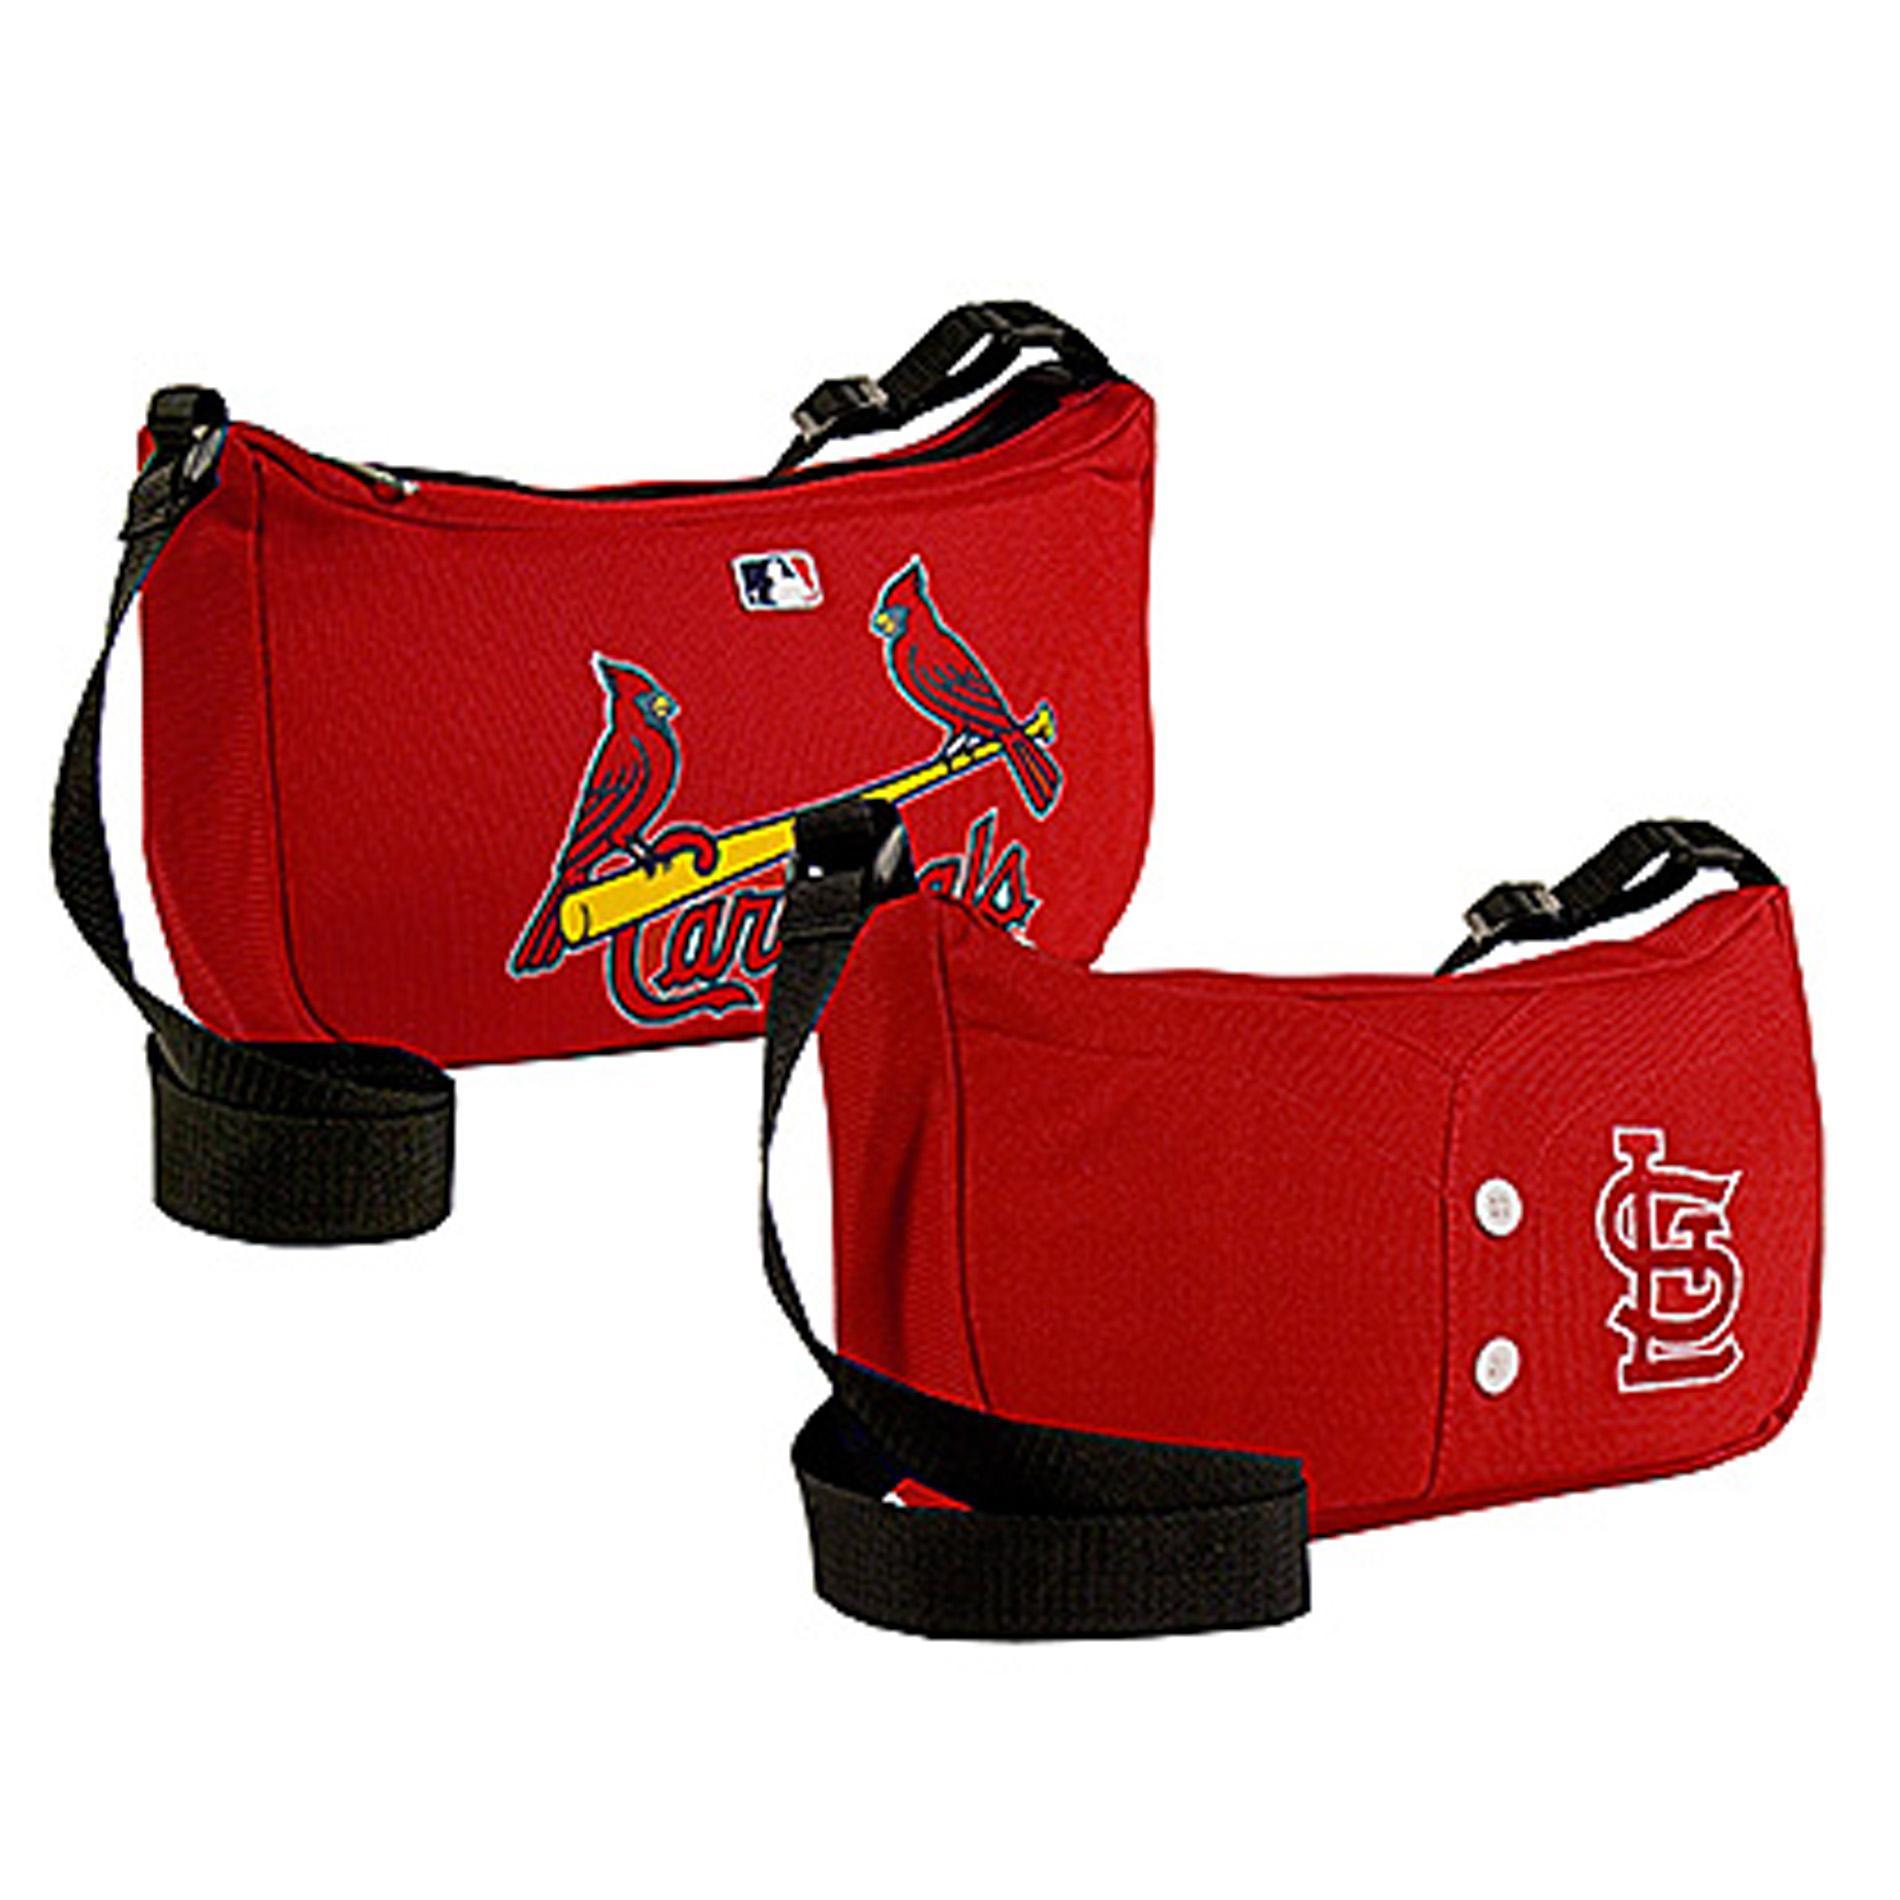 St. Louis Cardinals Jersey Purse